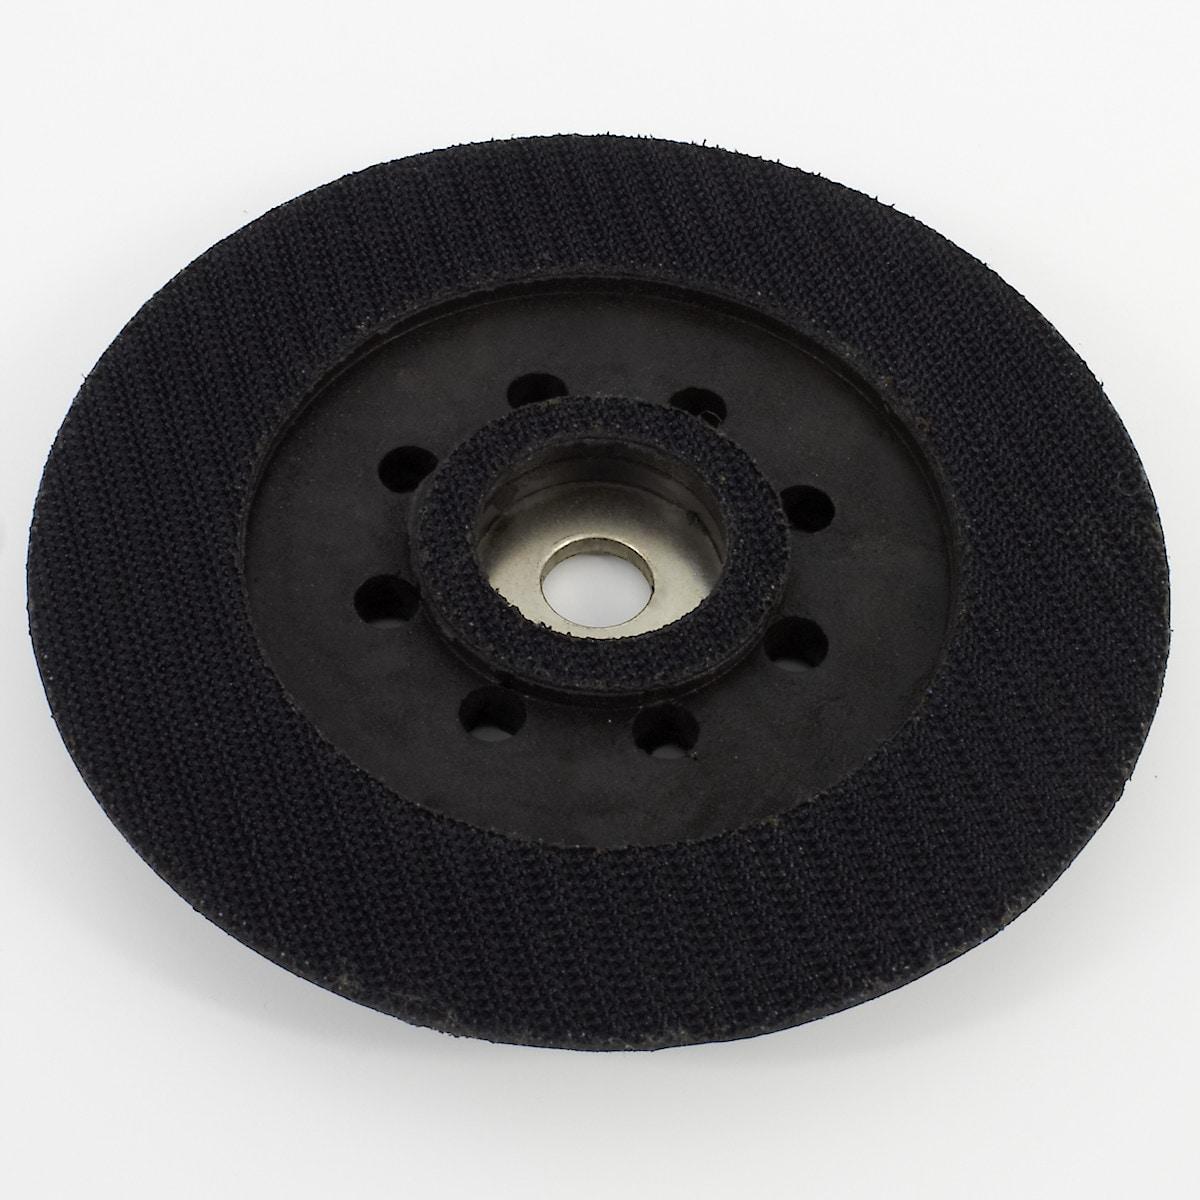 Slipplatta Black&Decker 125 mm